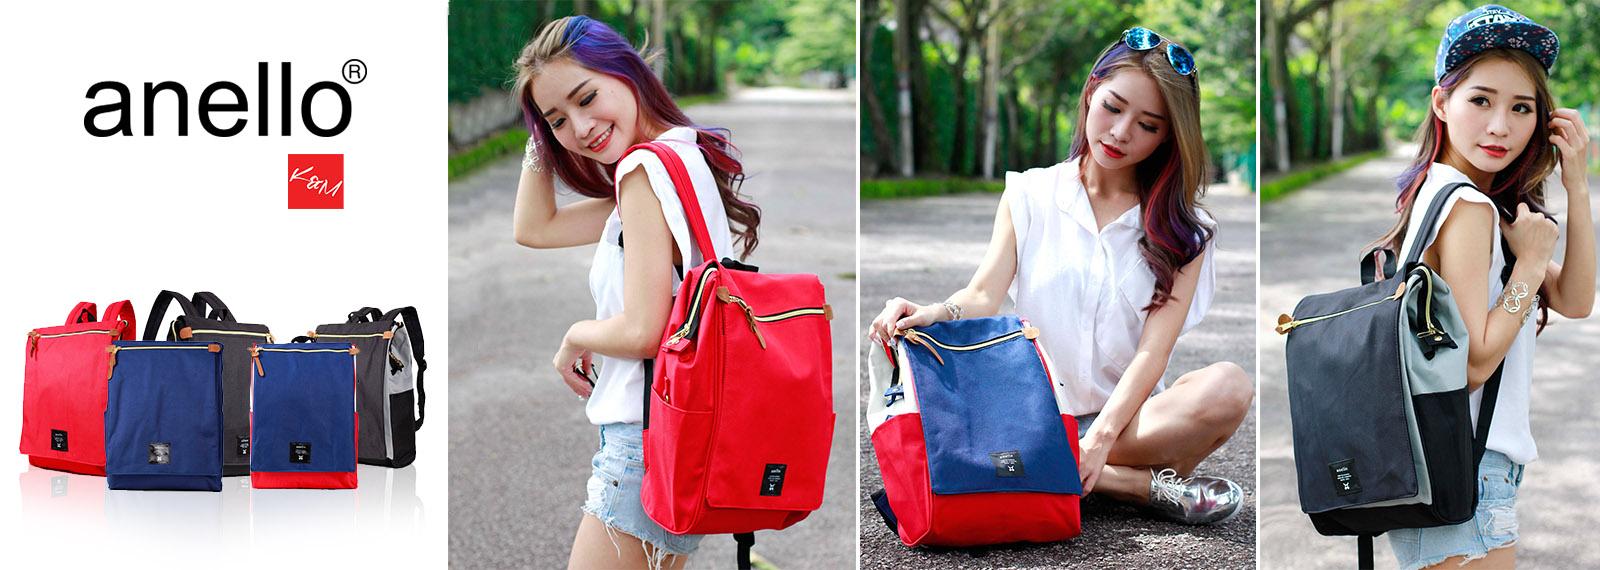 Anello Bag New